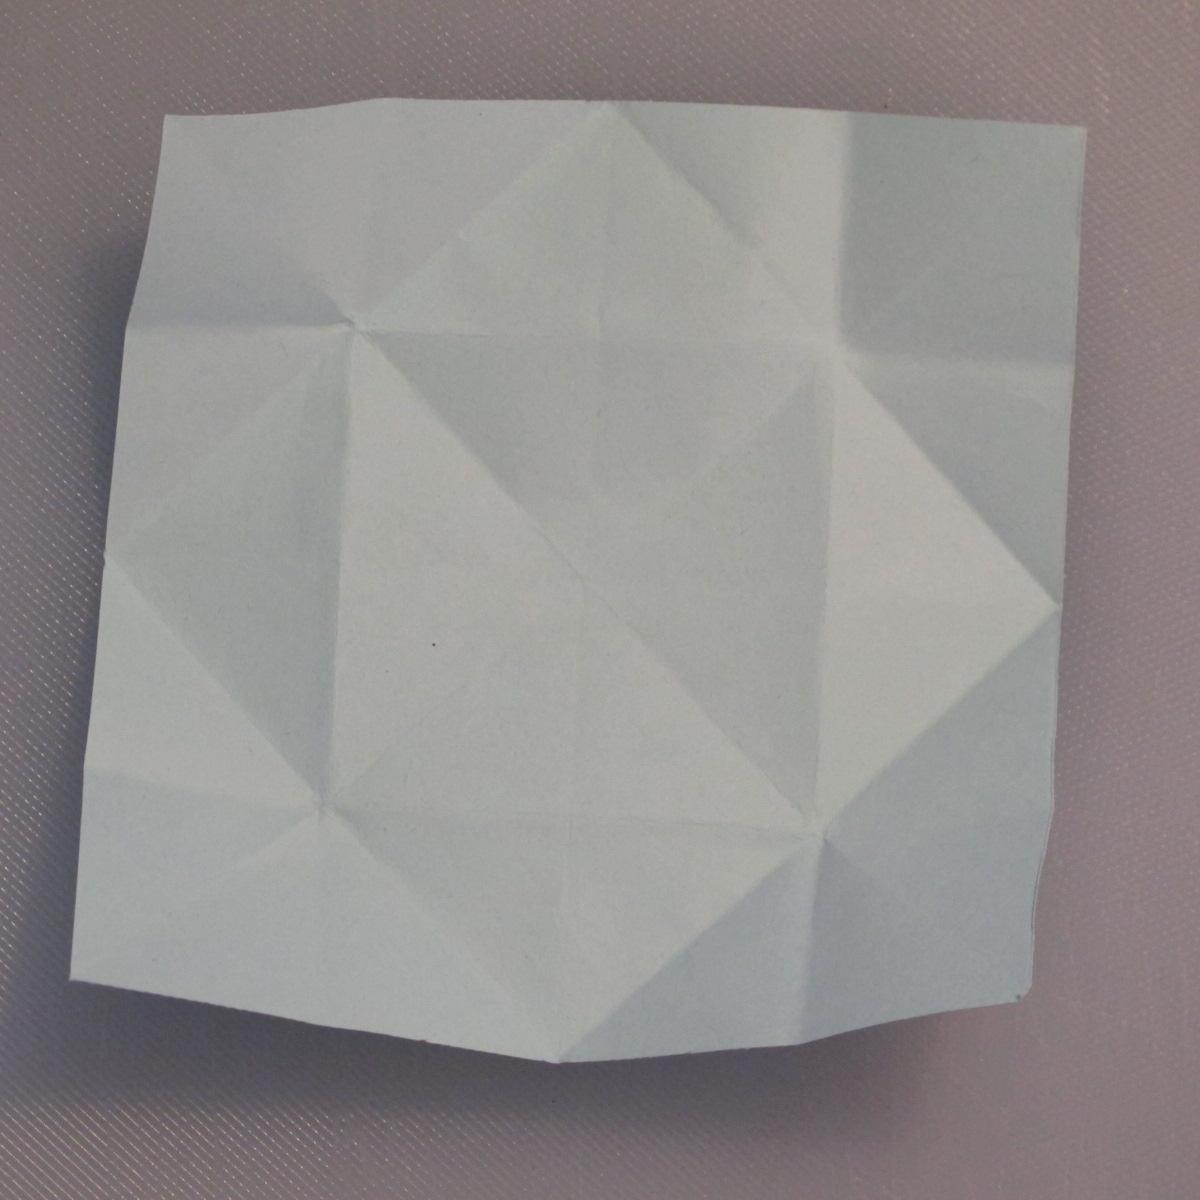 วิธีพับกระดาษเป็นรูปผีเสื้อ 006